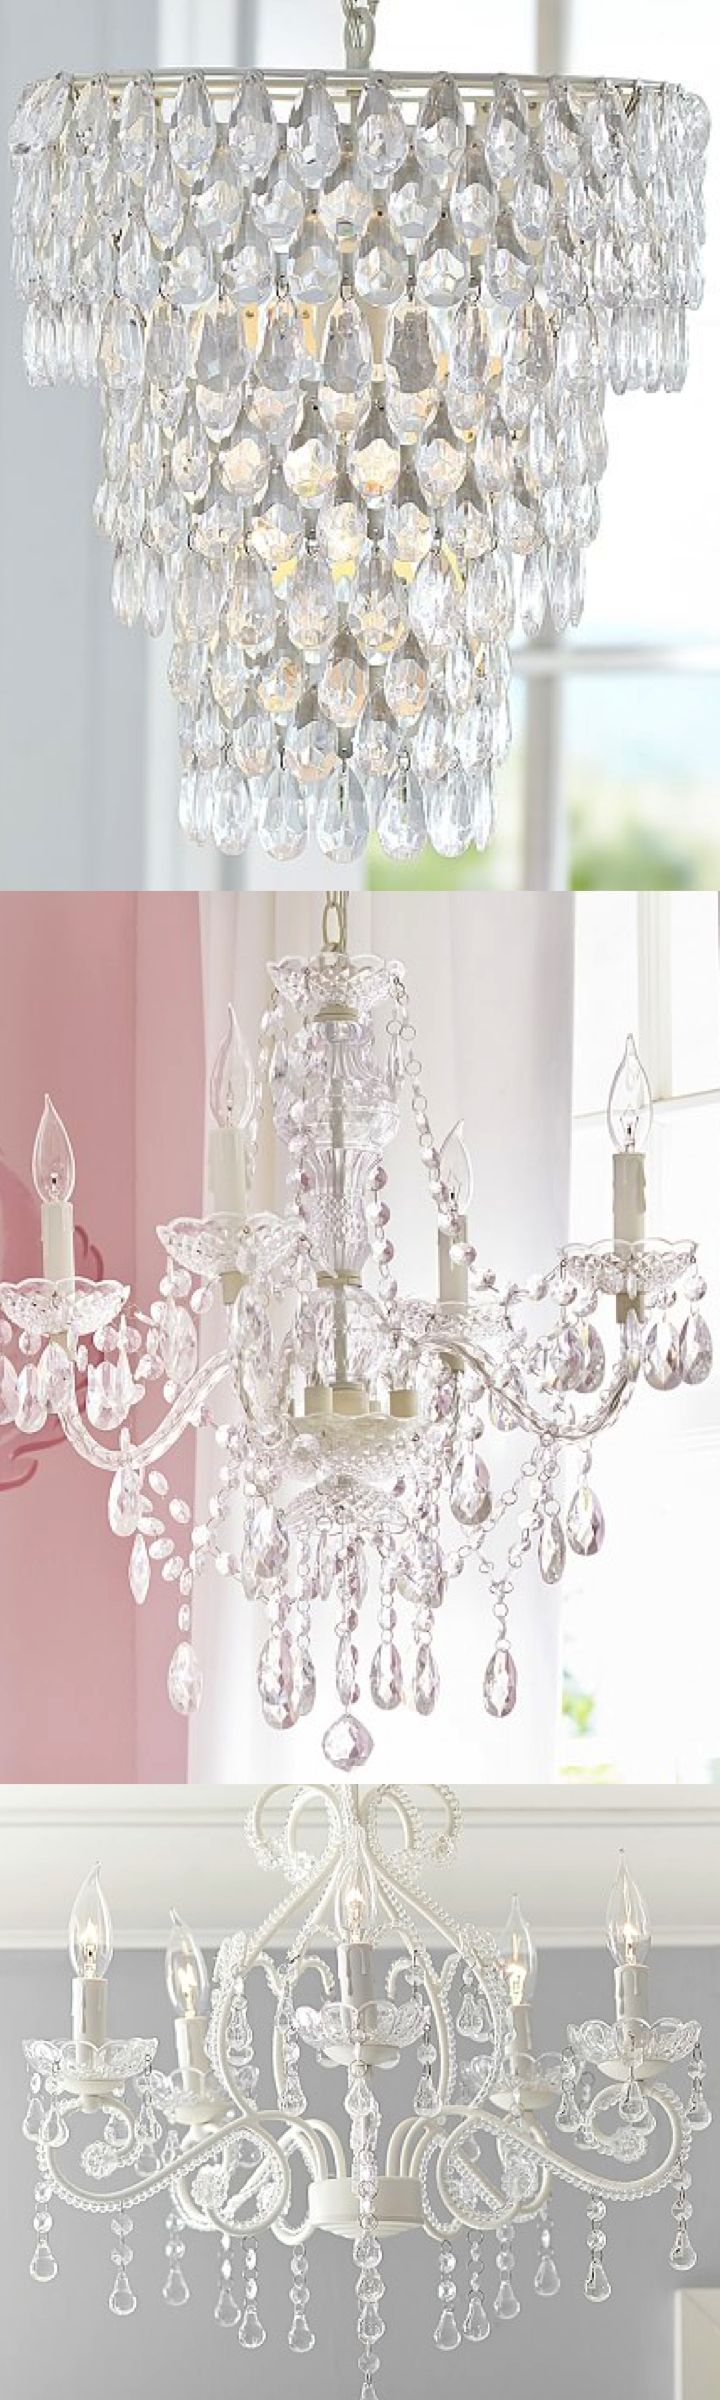 Gorgeous chandeliers | Nursery Ideas